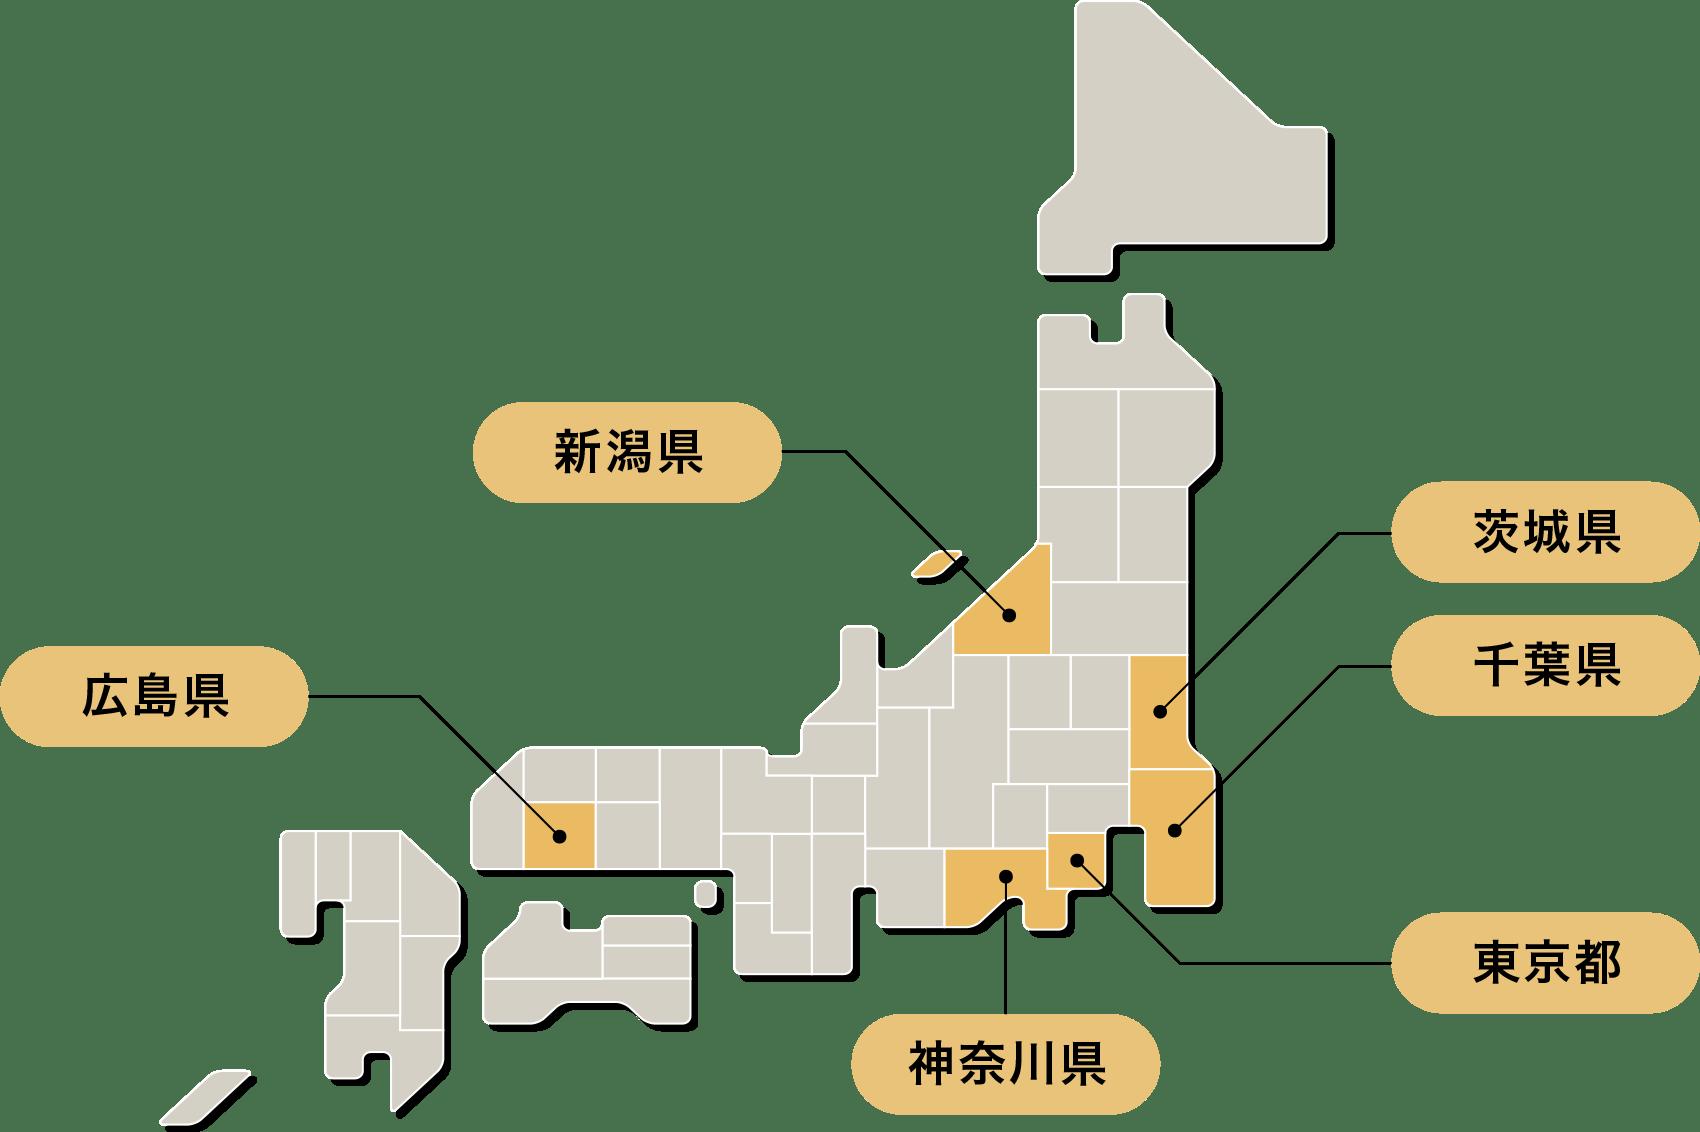 茨城県、神奈川県、千葉県、東京都、新潟県、広島県